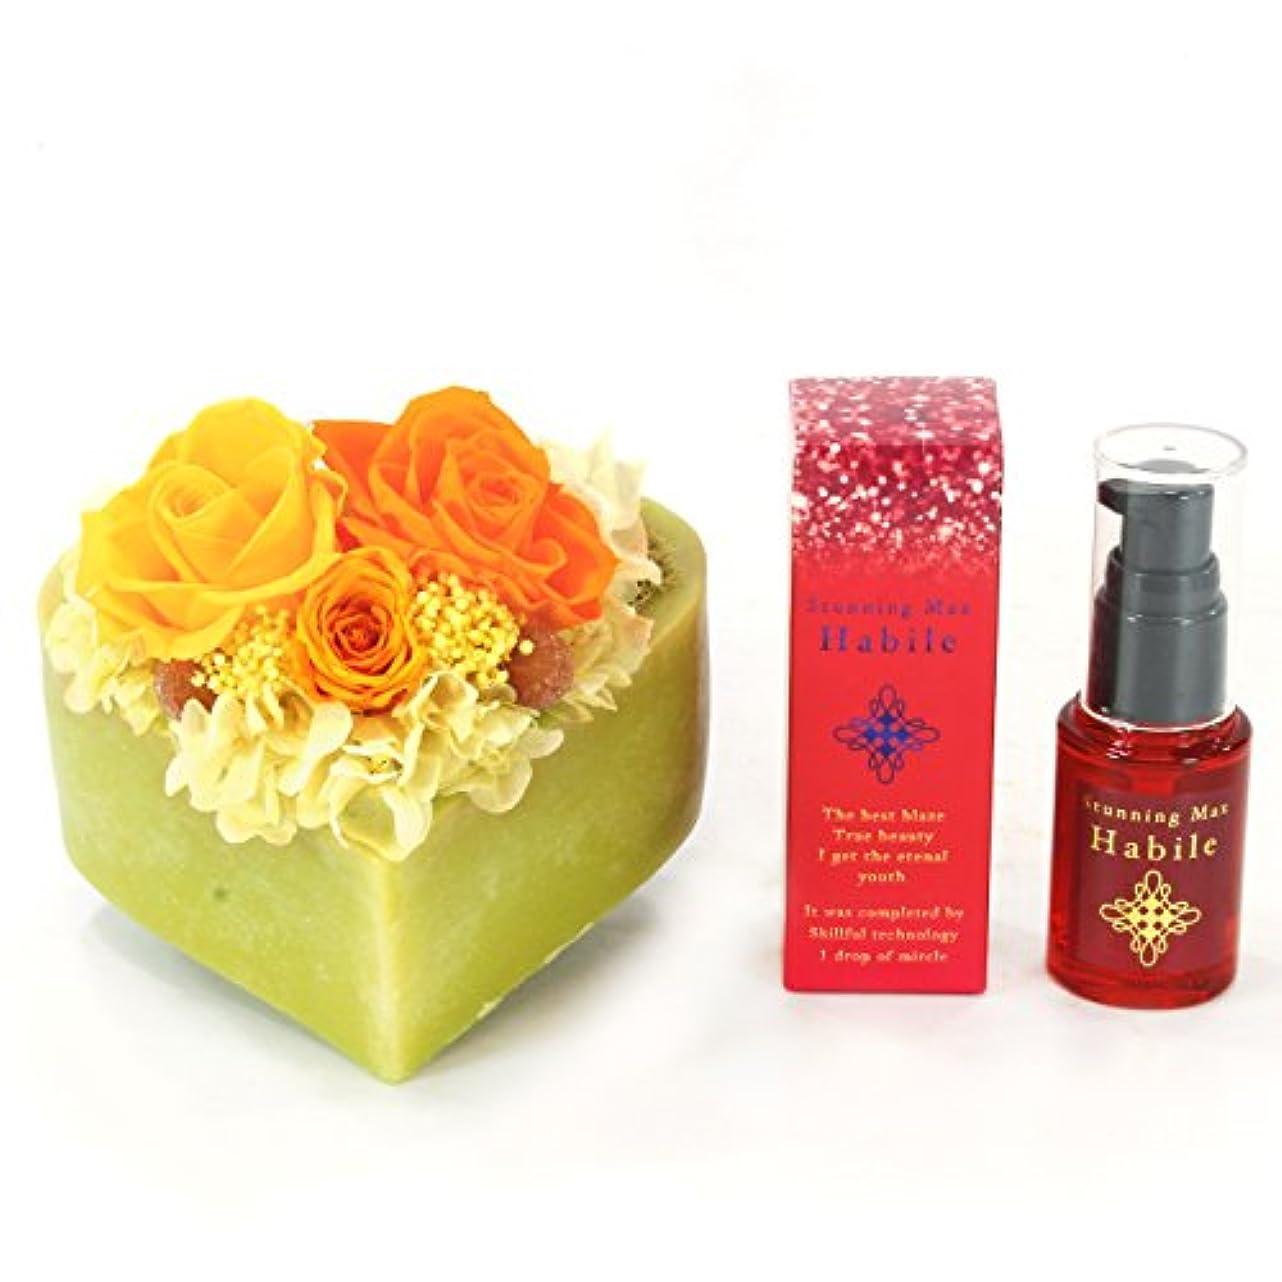 特徴づけるしてはいけない聖域プリザーブドフラワーと美容液のセット ローズハート 香るお花 バラ3輪 あじさい クリアケース付 誕生日 プレゼント 記念日 敬老の日(イエローグリーン)